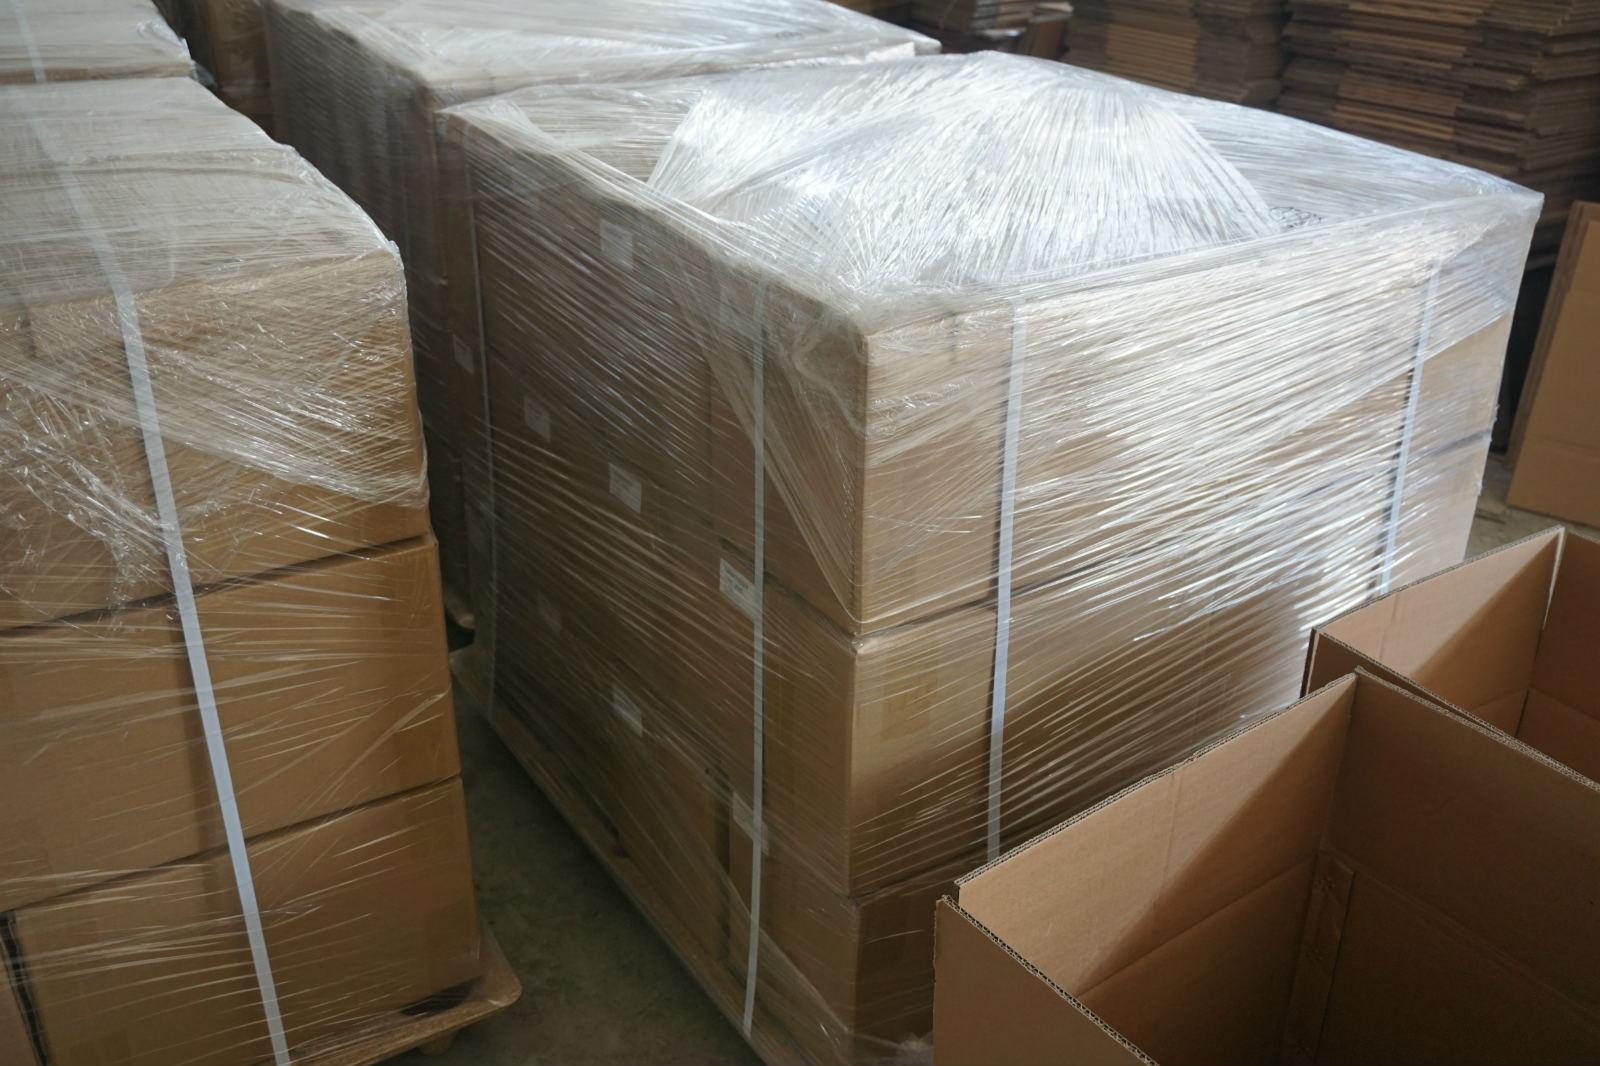 Packaging storage